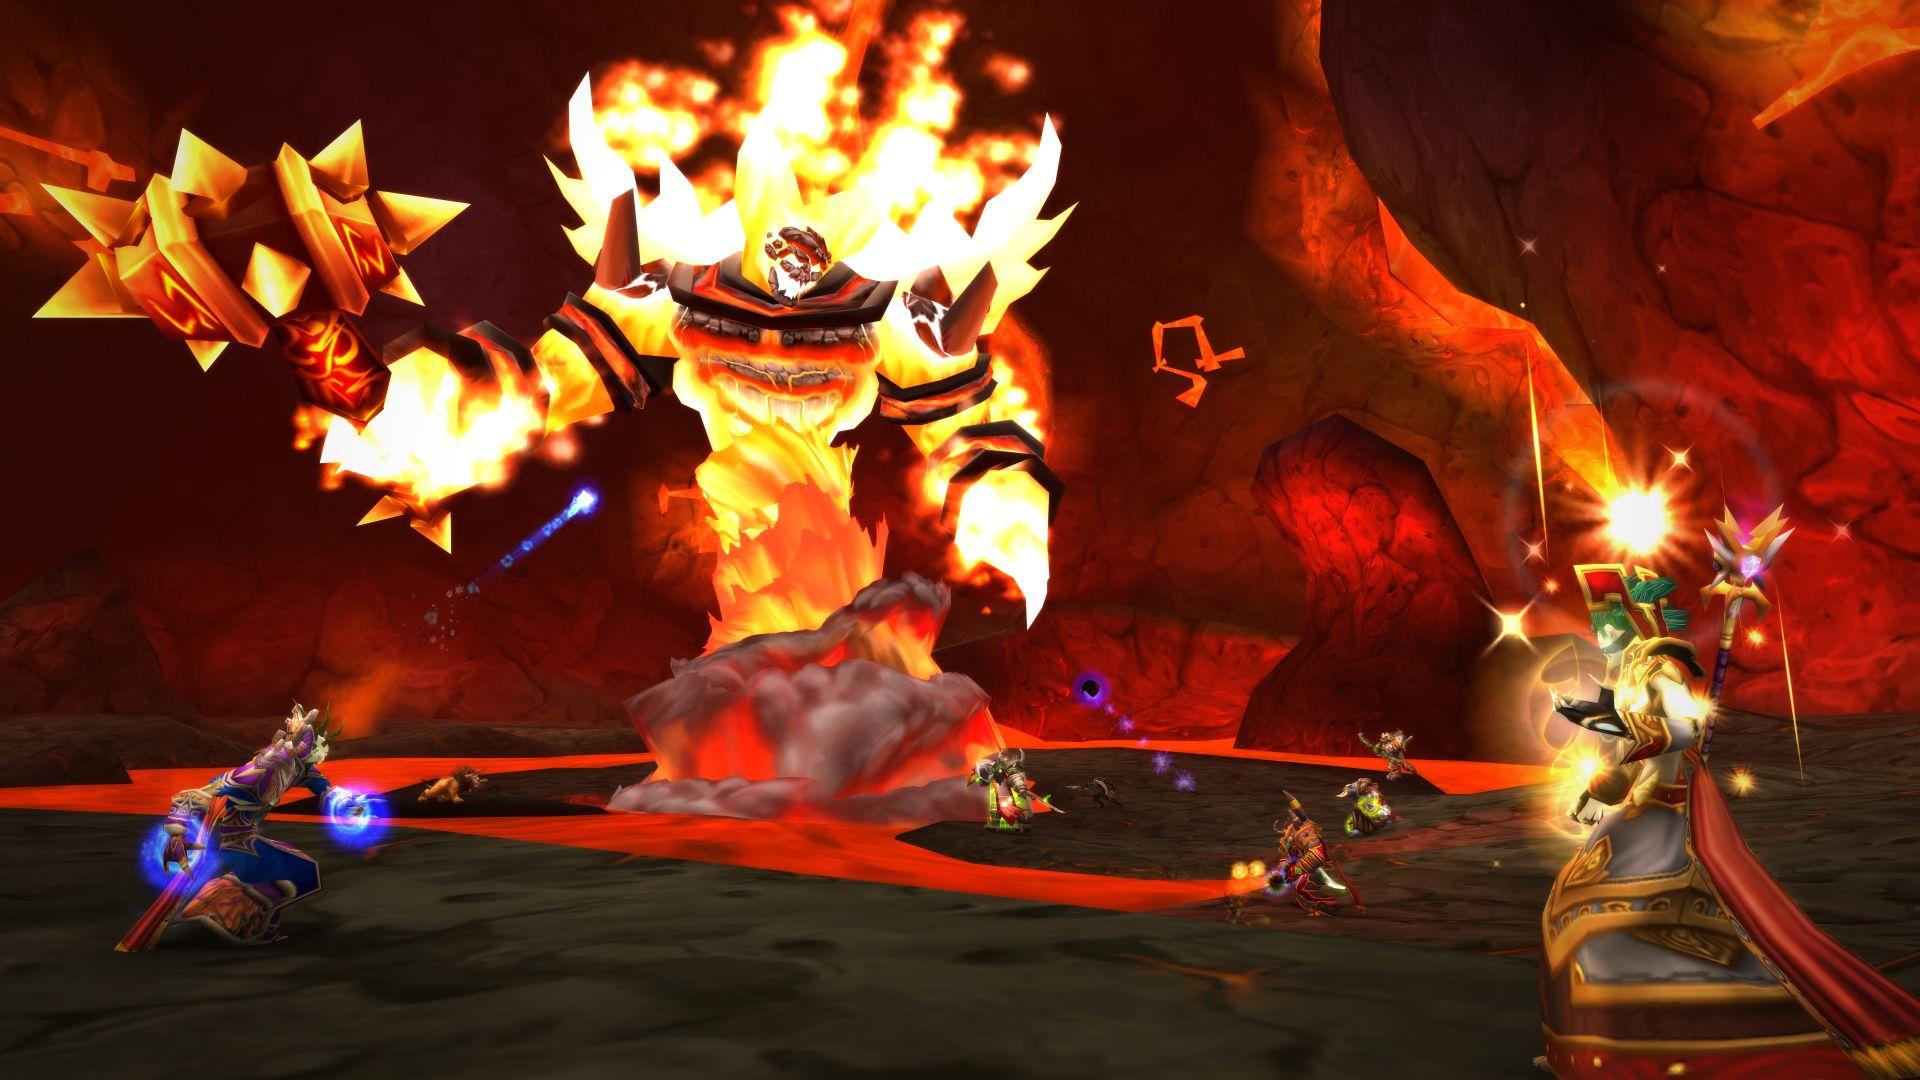 Người chơi WoW Classic đang tạo thành một đường thẳng gọn gàng để tiêu diệt quái vật